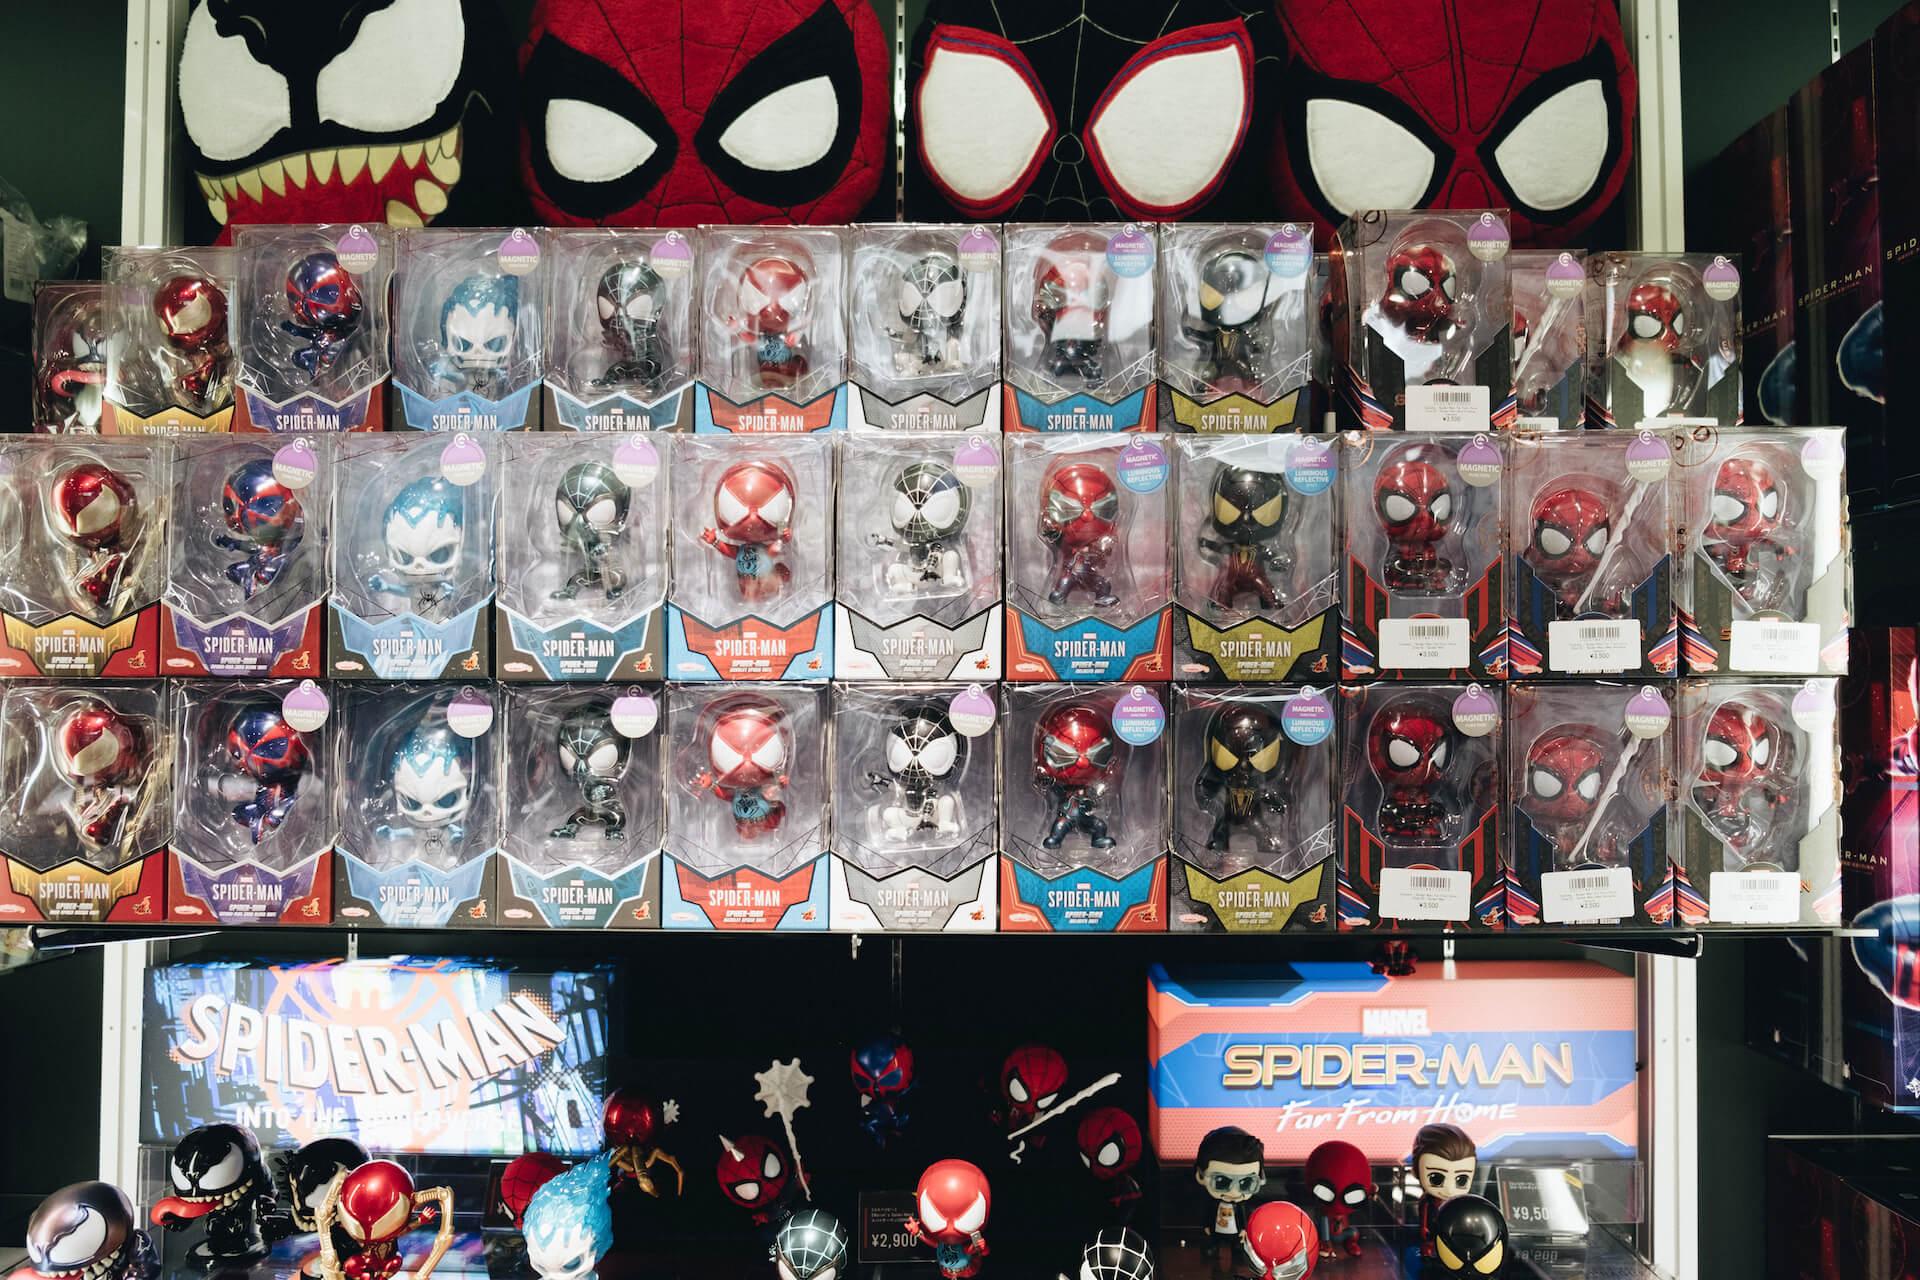 スパイダーマン好きなら目ギラギラ大興奮必至の期間限定ショップ探訪 art-culture-spiderman-store-report-12